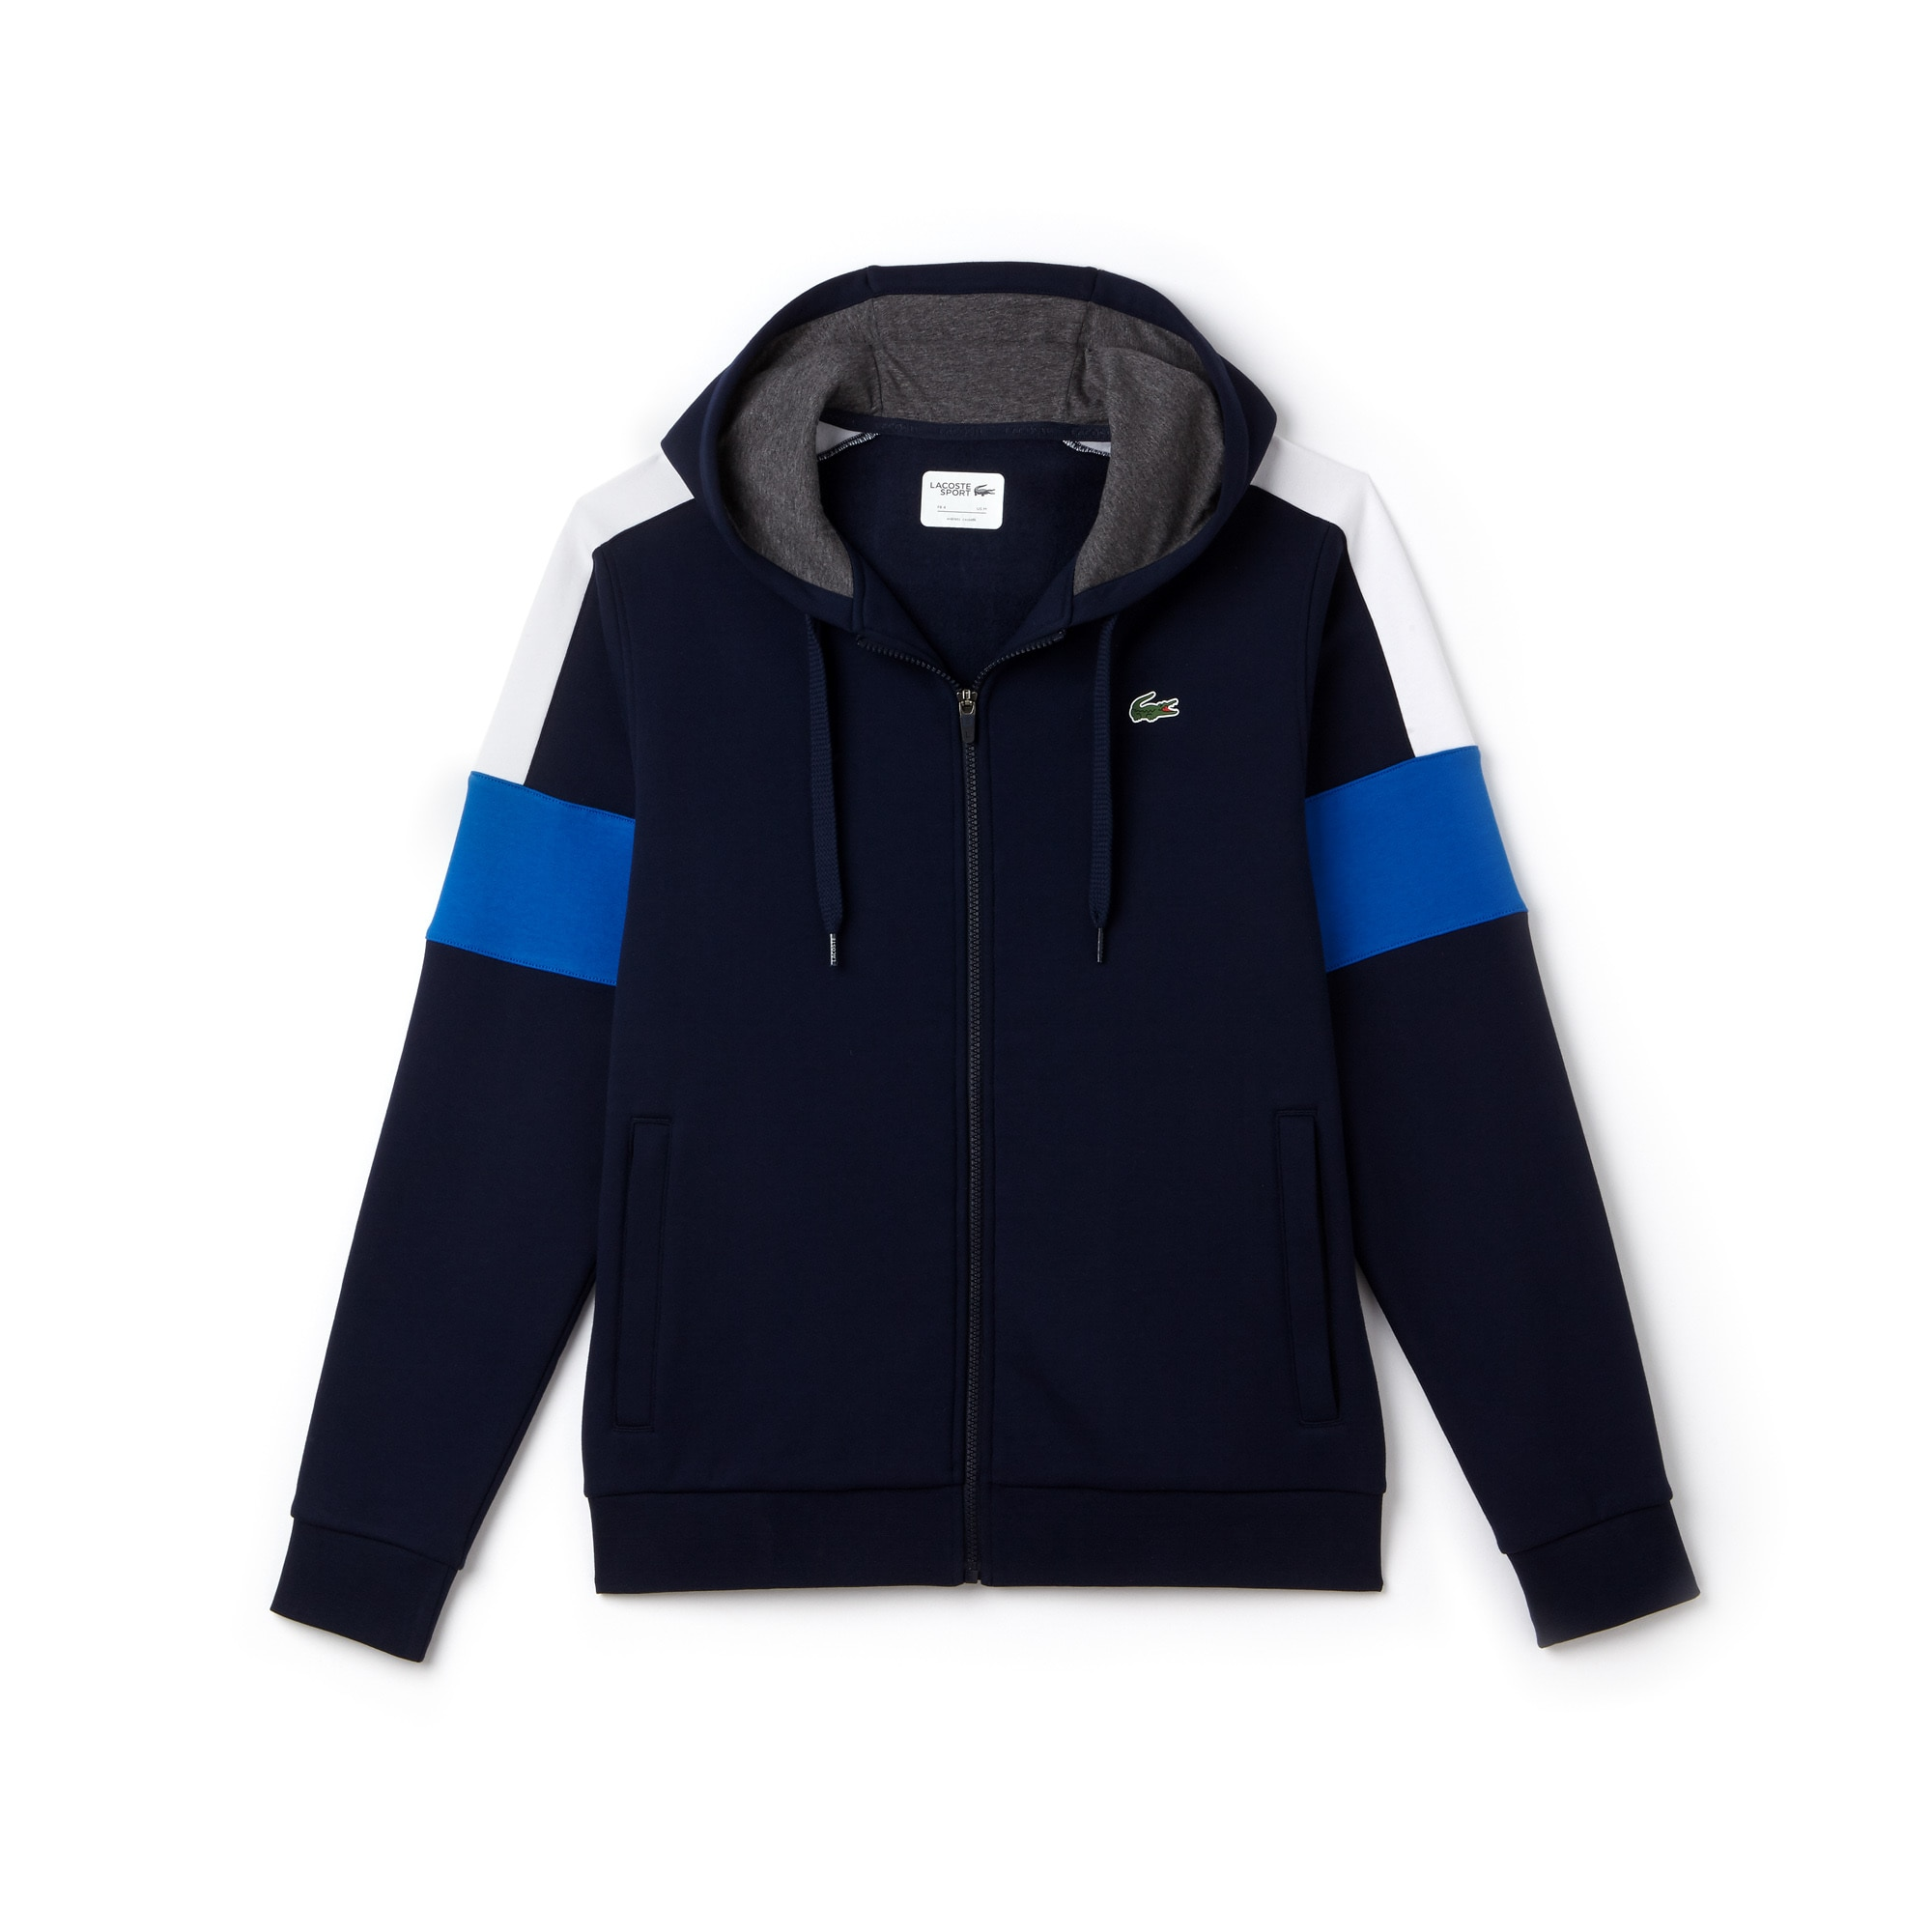 Herren LACOSTE SPORT Sweatshirt-Jacke aus Fleece mit Colorbocks